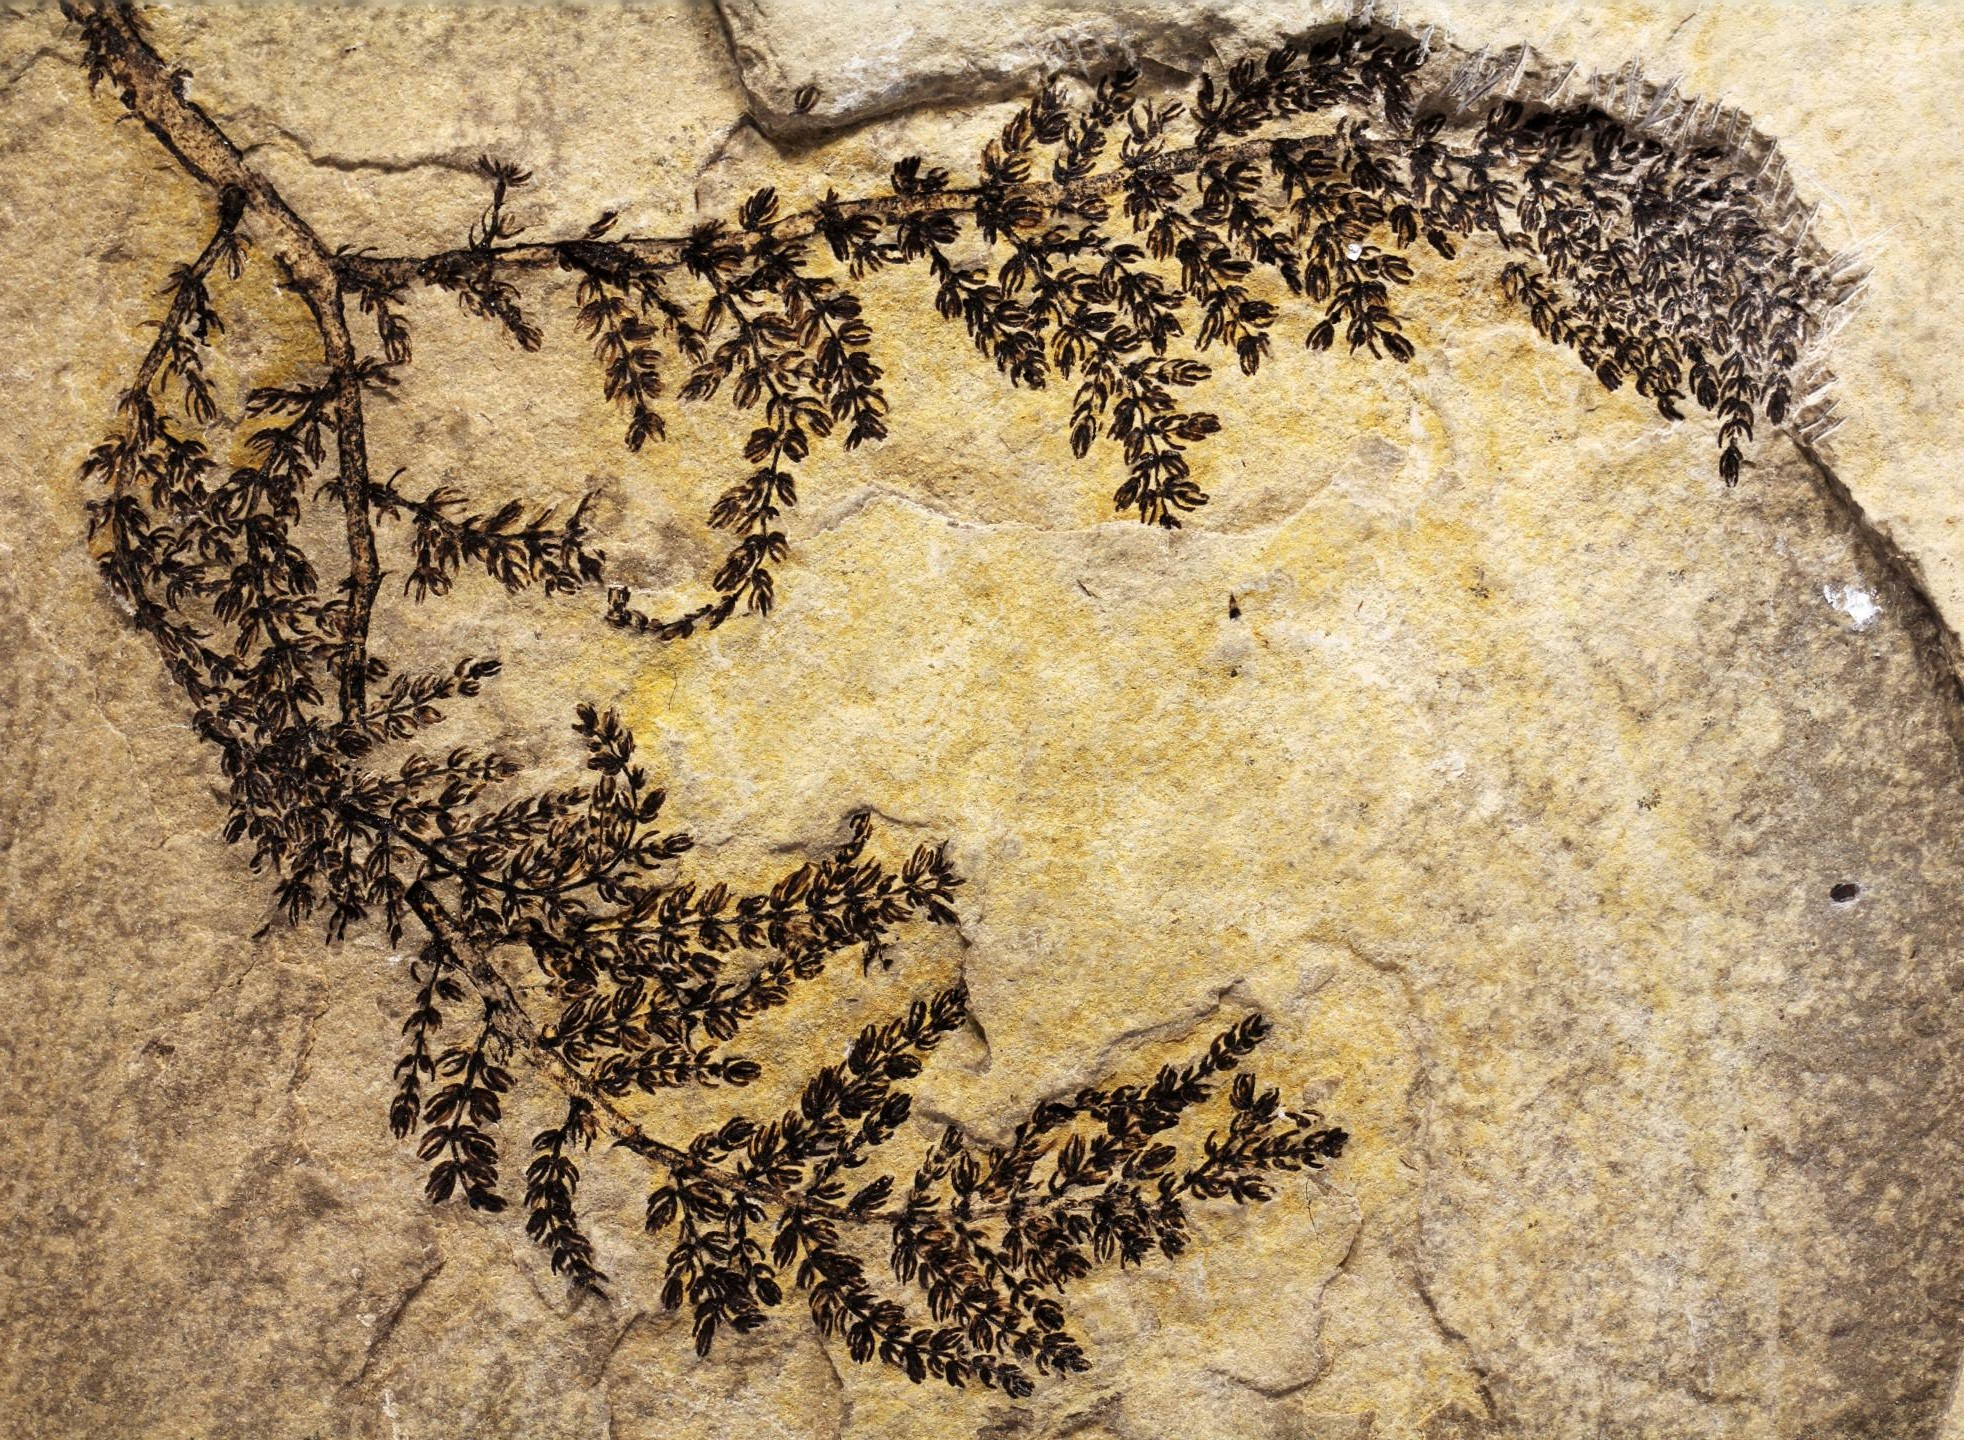 La primera planta con flor apareció hace 130 millones de años en España